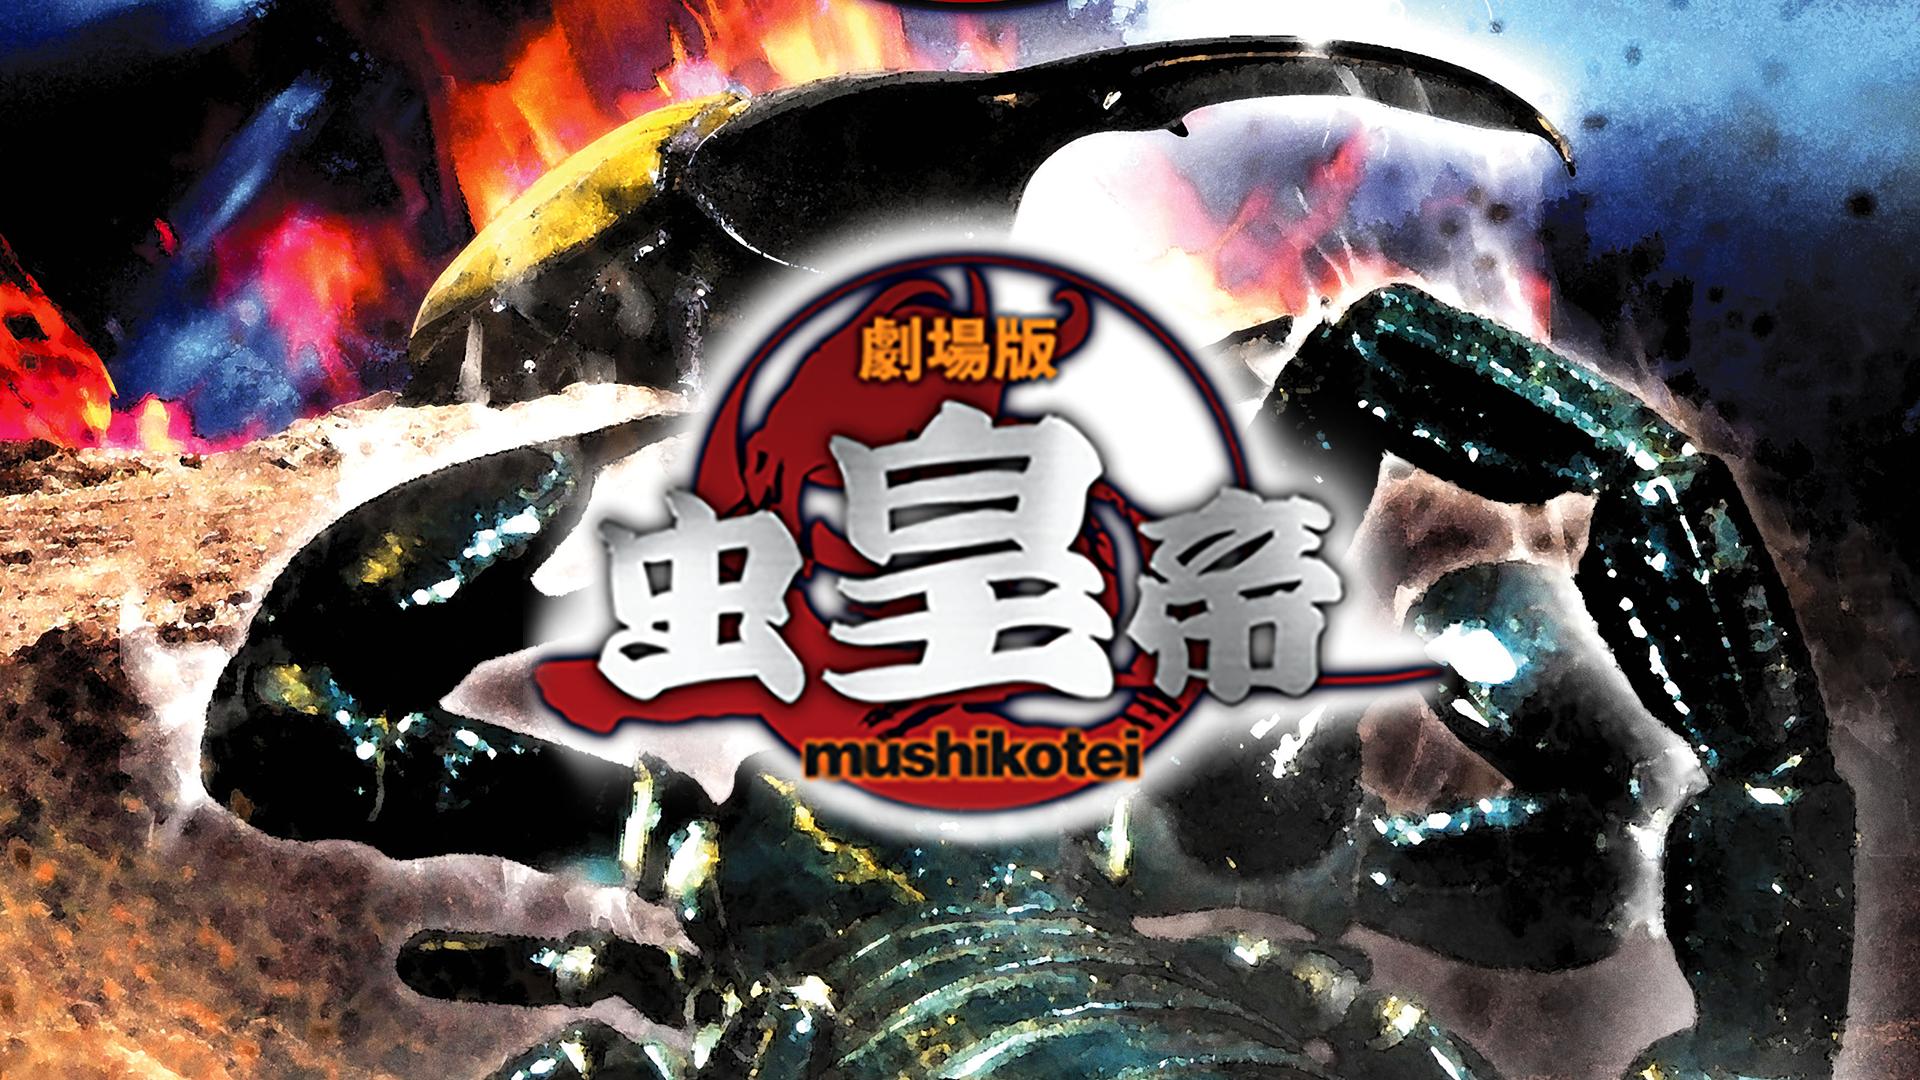 劇場版 虫皇帝の動画 - 劇場版 虫皇帝 昆虫軍VS.毒蟲軍完全決着版 1